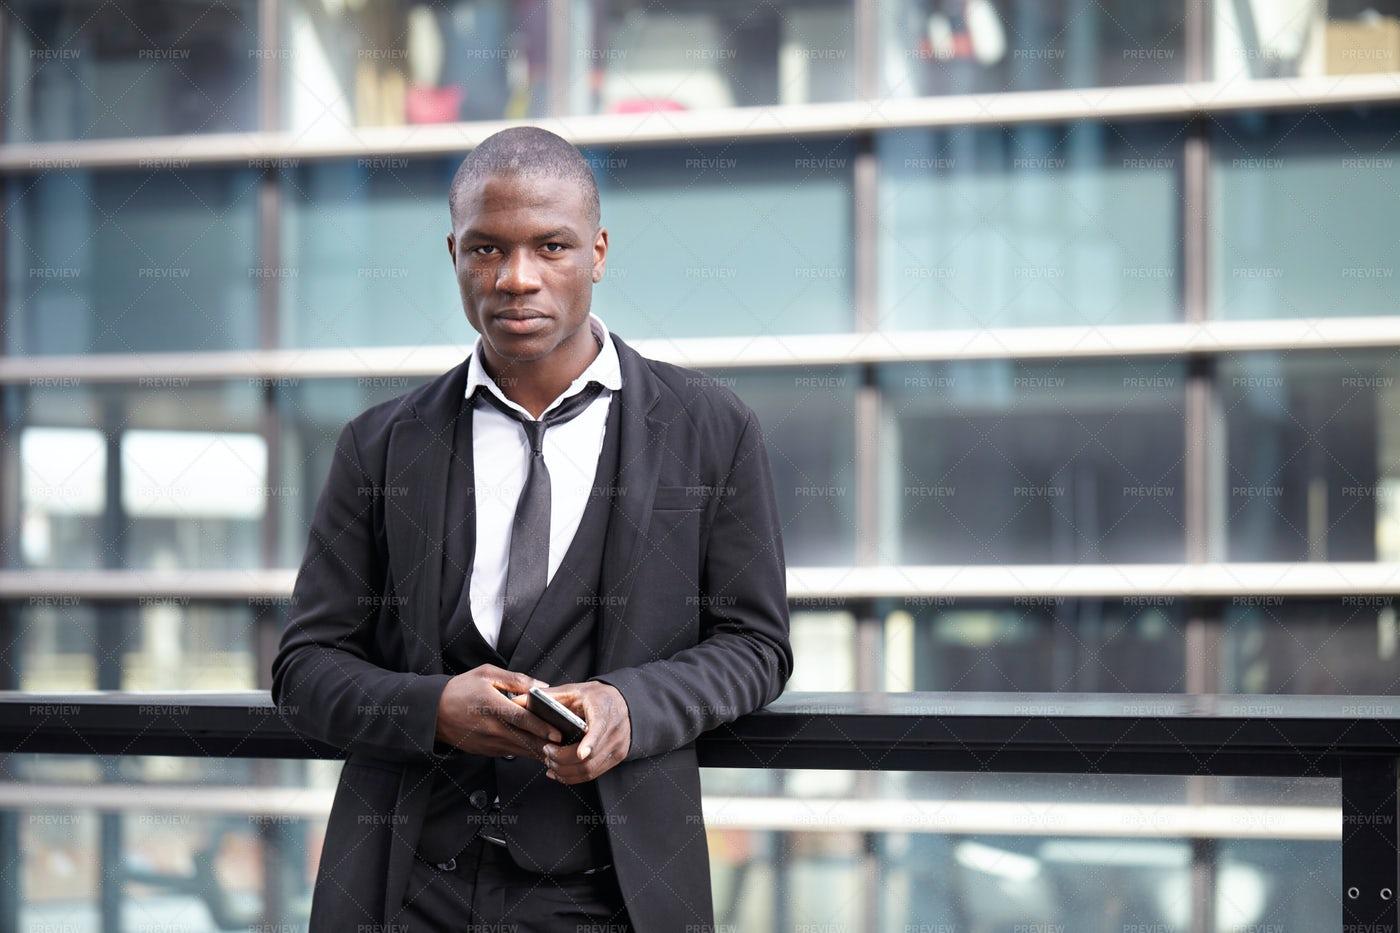 Man Outside A Building: Stock Photos